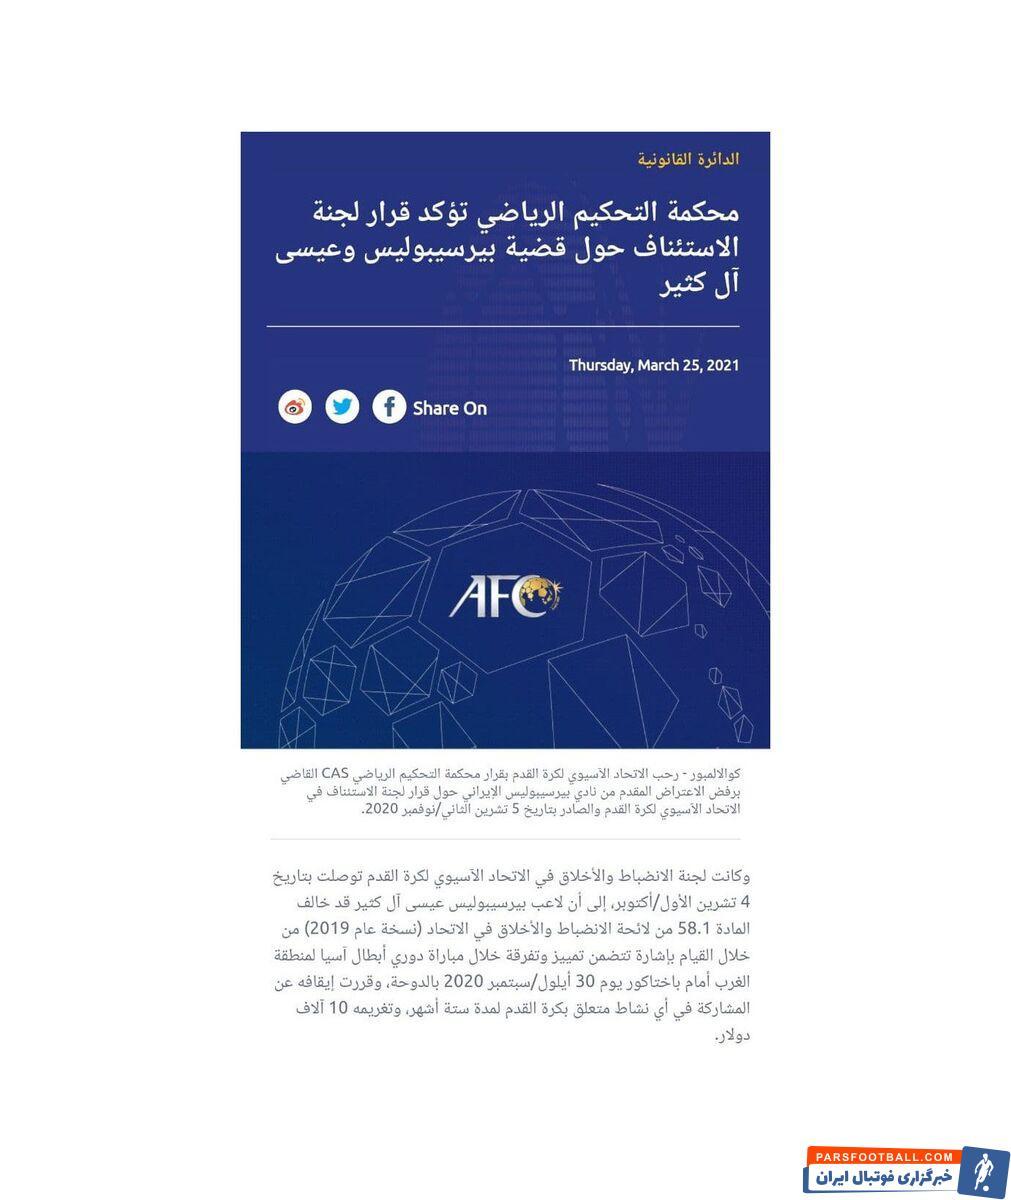 سایت رسمی کنفدراسیون فوتبال آسیا : دادگاه داوری ورزش در پرونده محرومیت مهاجم پرسپولیس تصمیم به تأیید تصمیم کمیته استیناف AFC گرفت